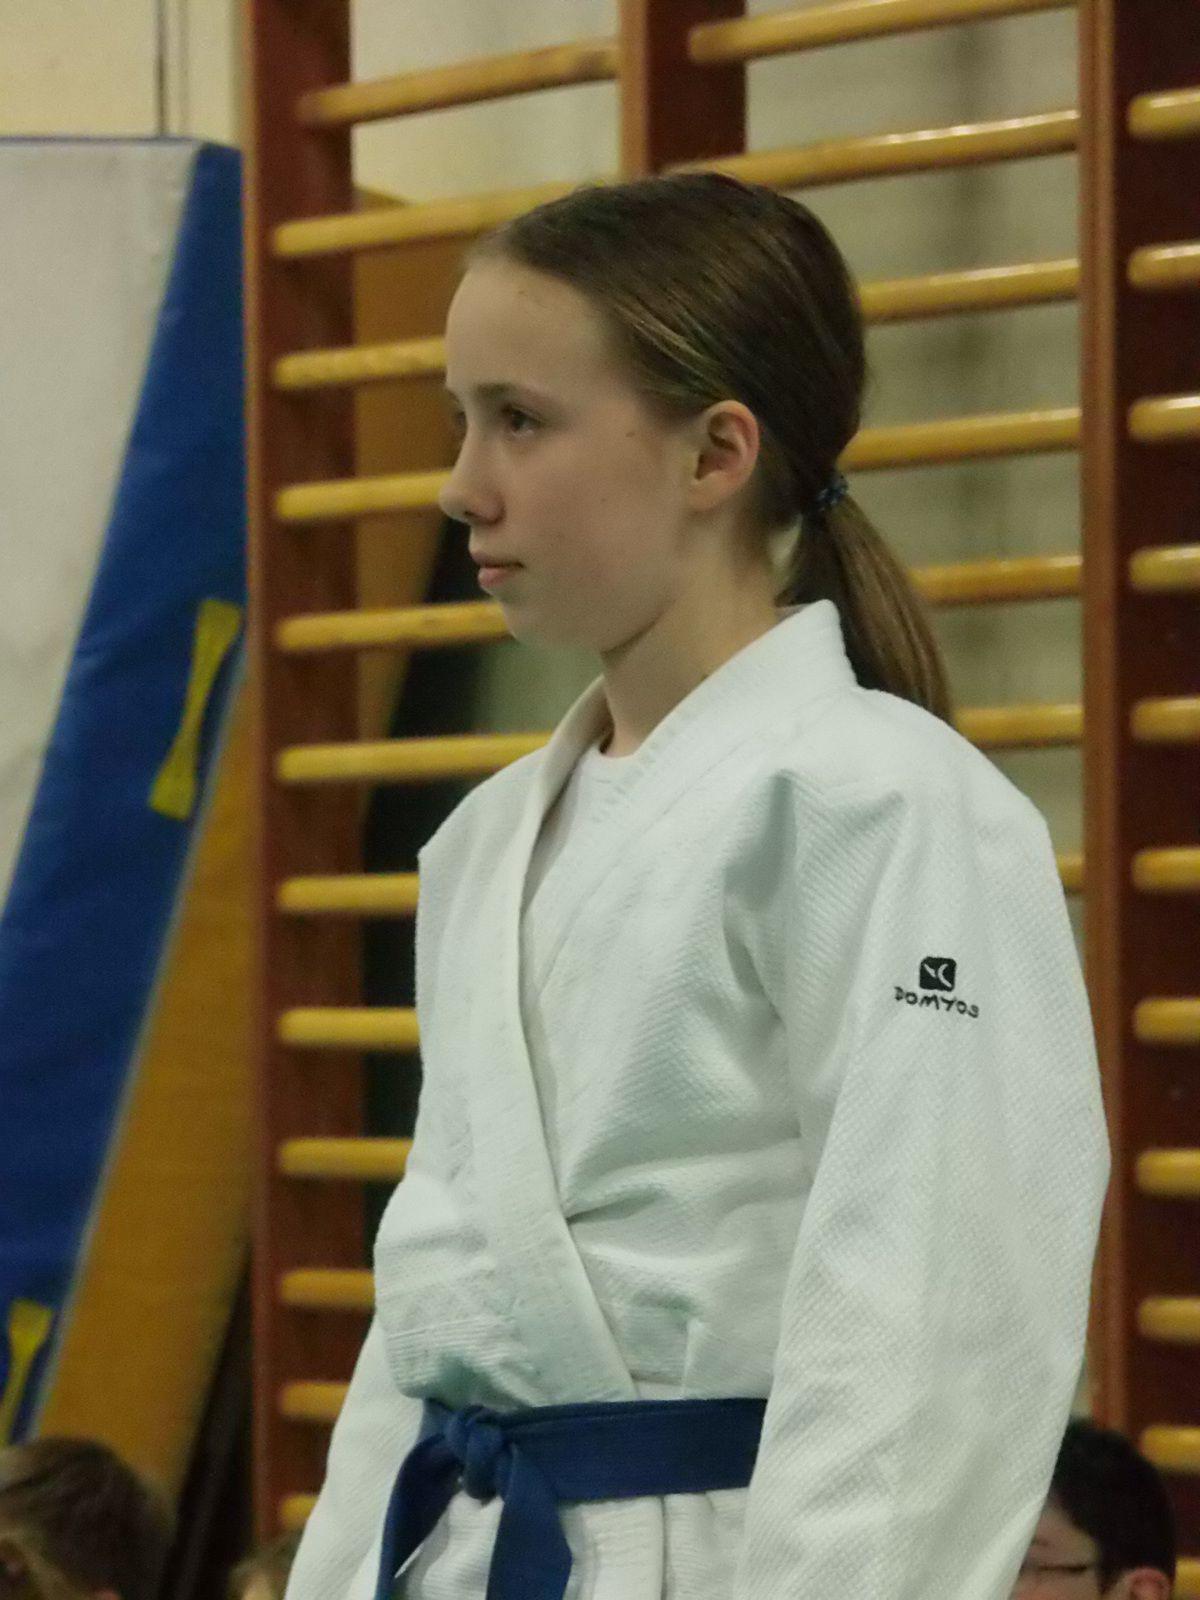 Emilie pratique depuis plusieurs années, elle est un exemple pour les autres élèves. Emilie est nommée ceinture bleue première barrette marron.